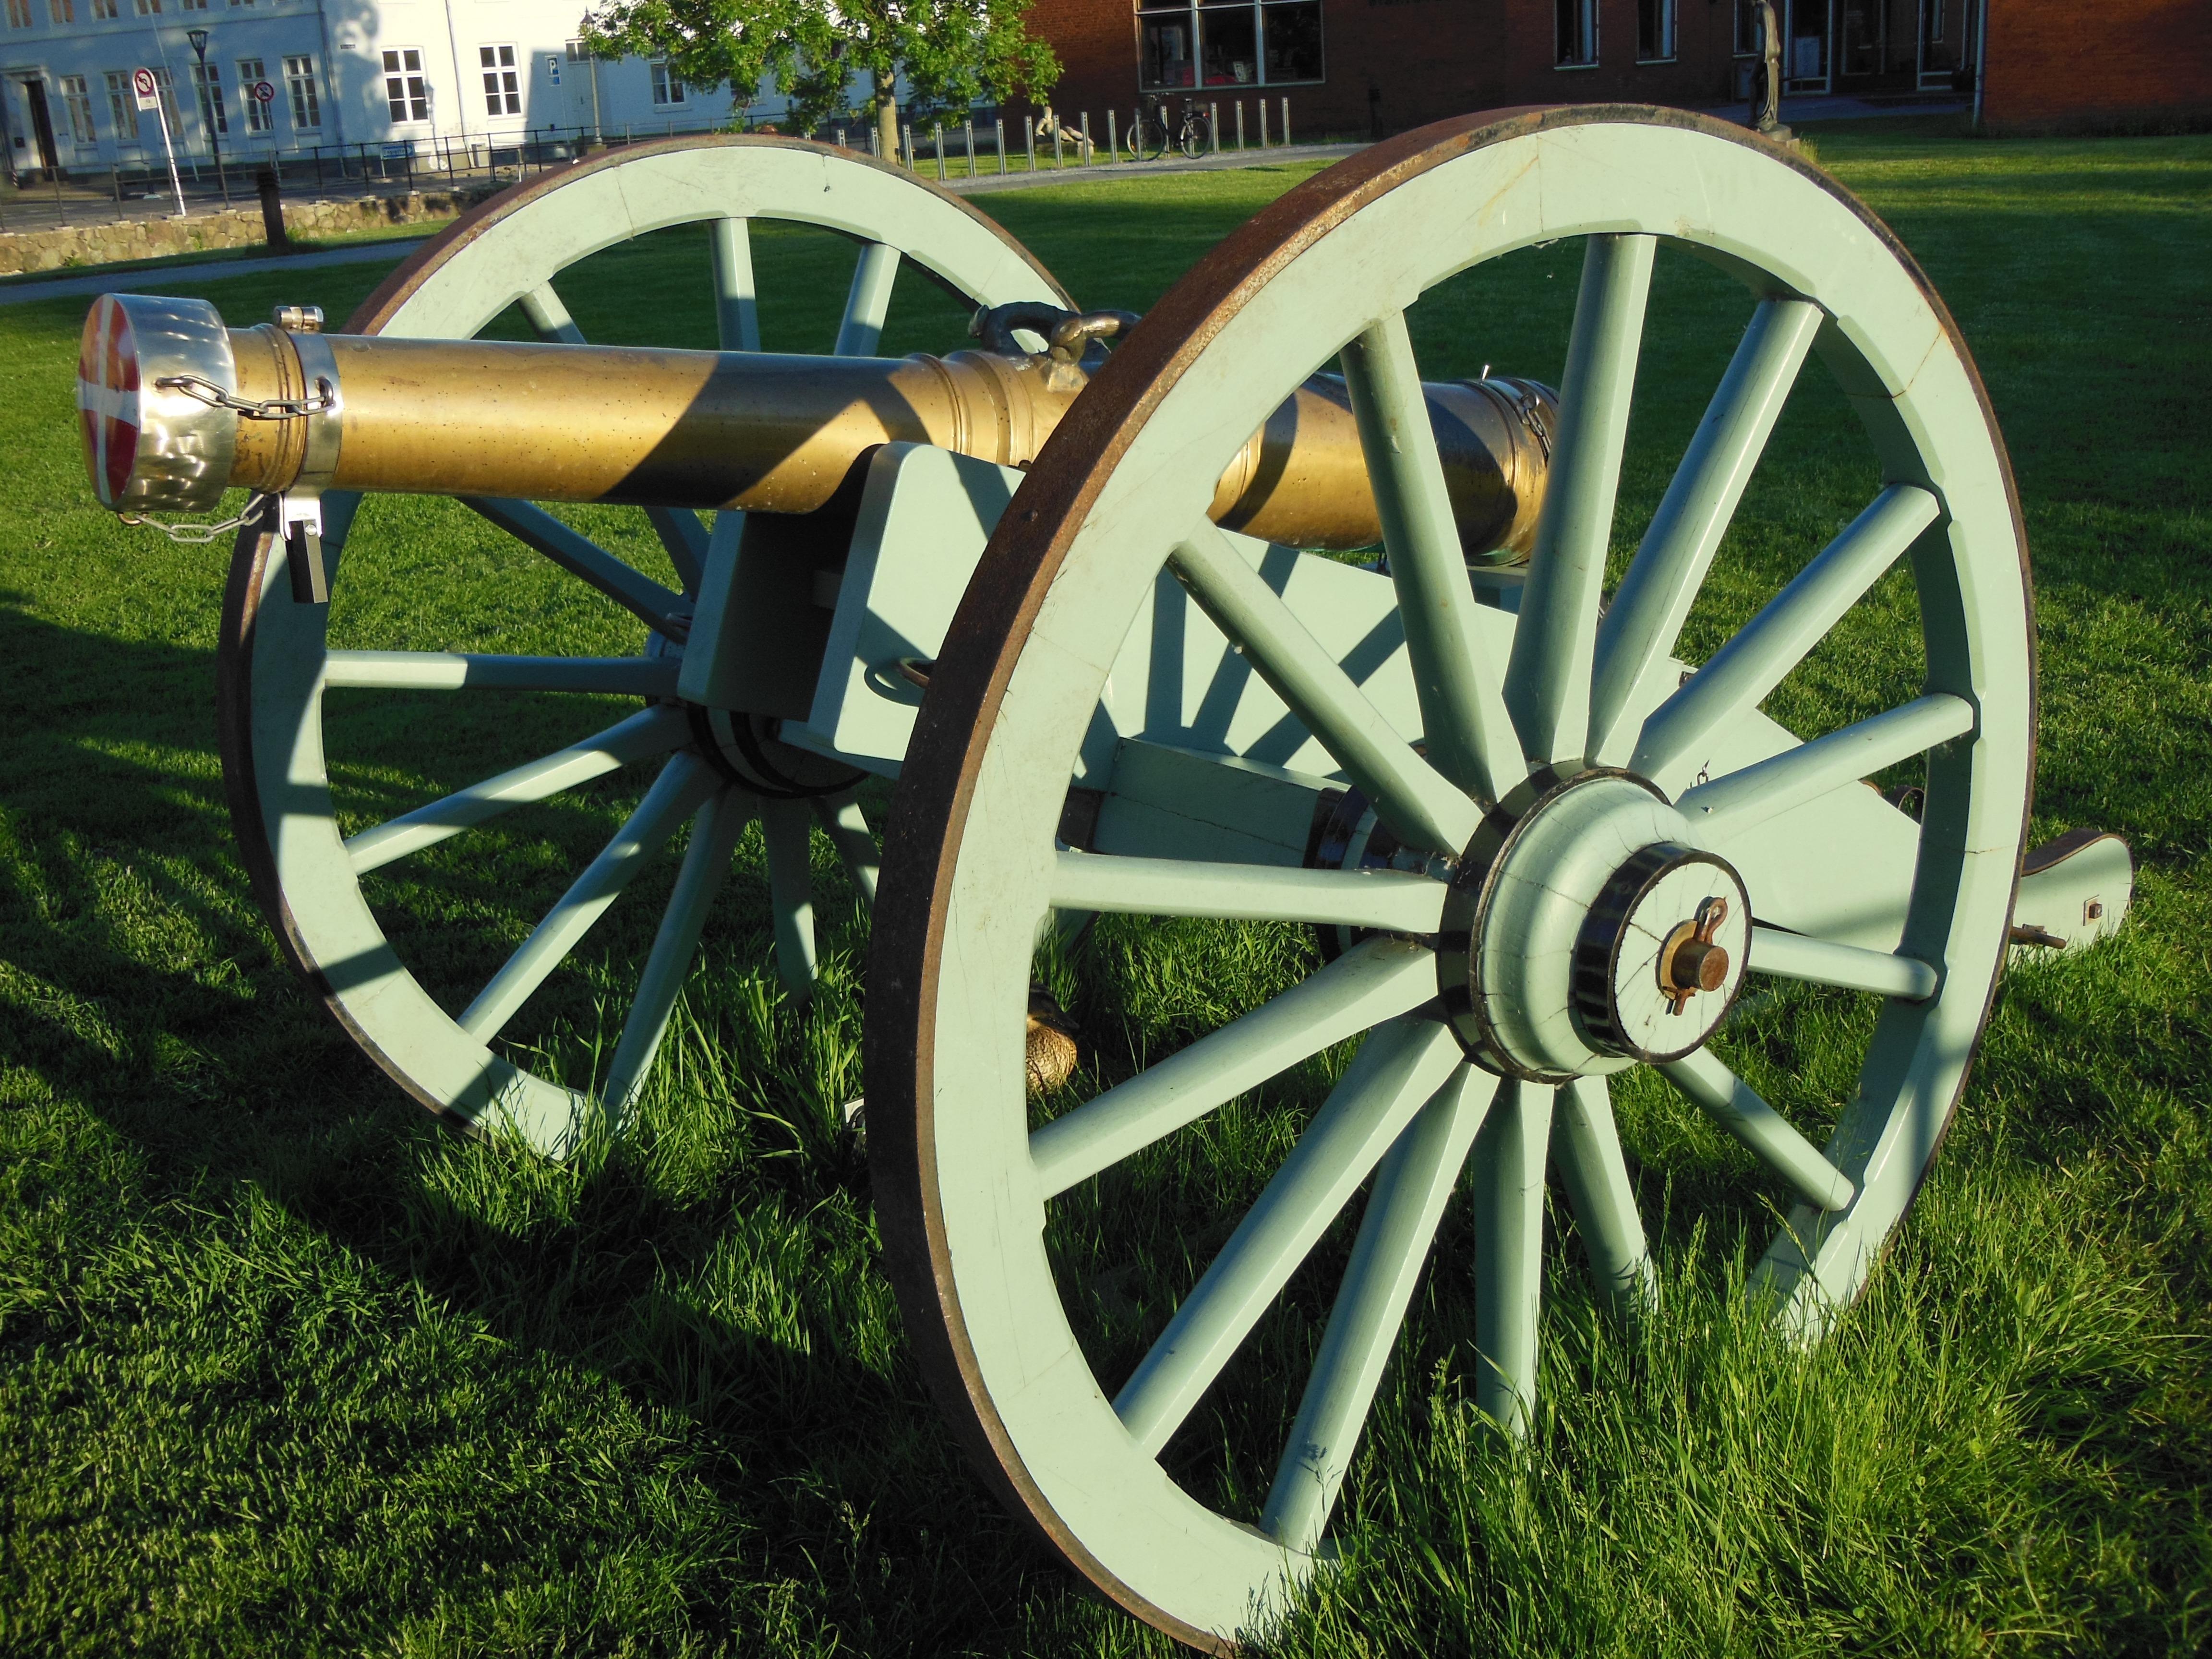 удивительные бронзовые пушки фото только проявить фантазию